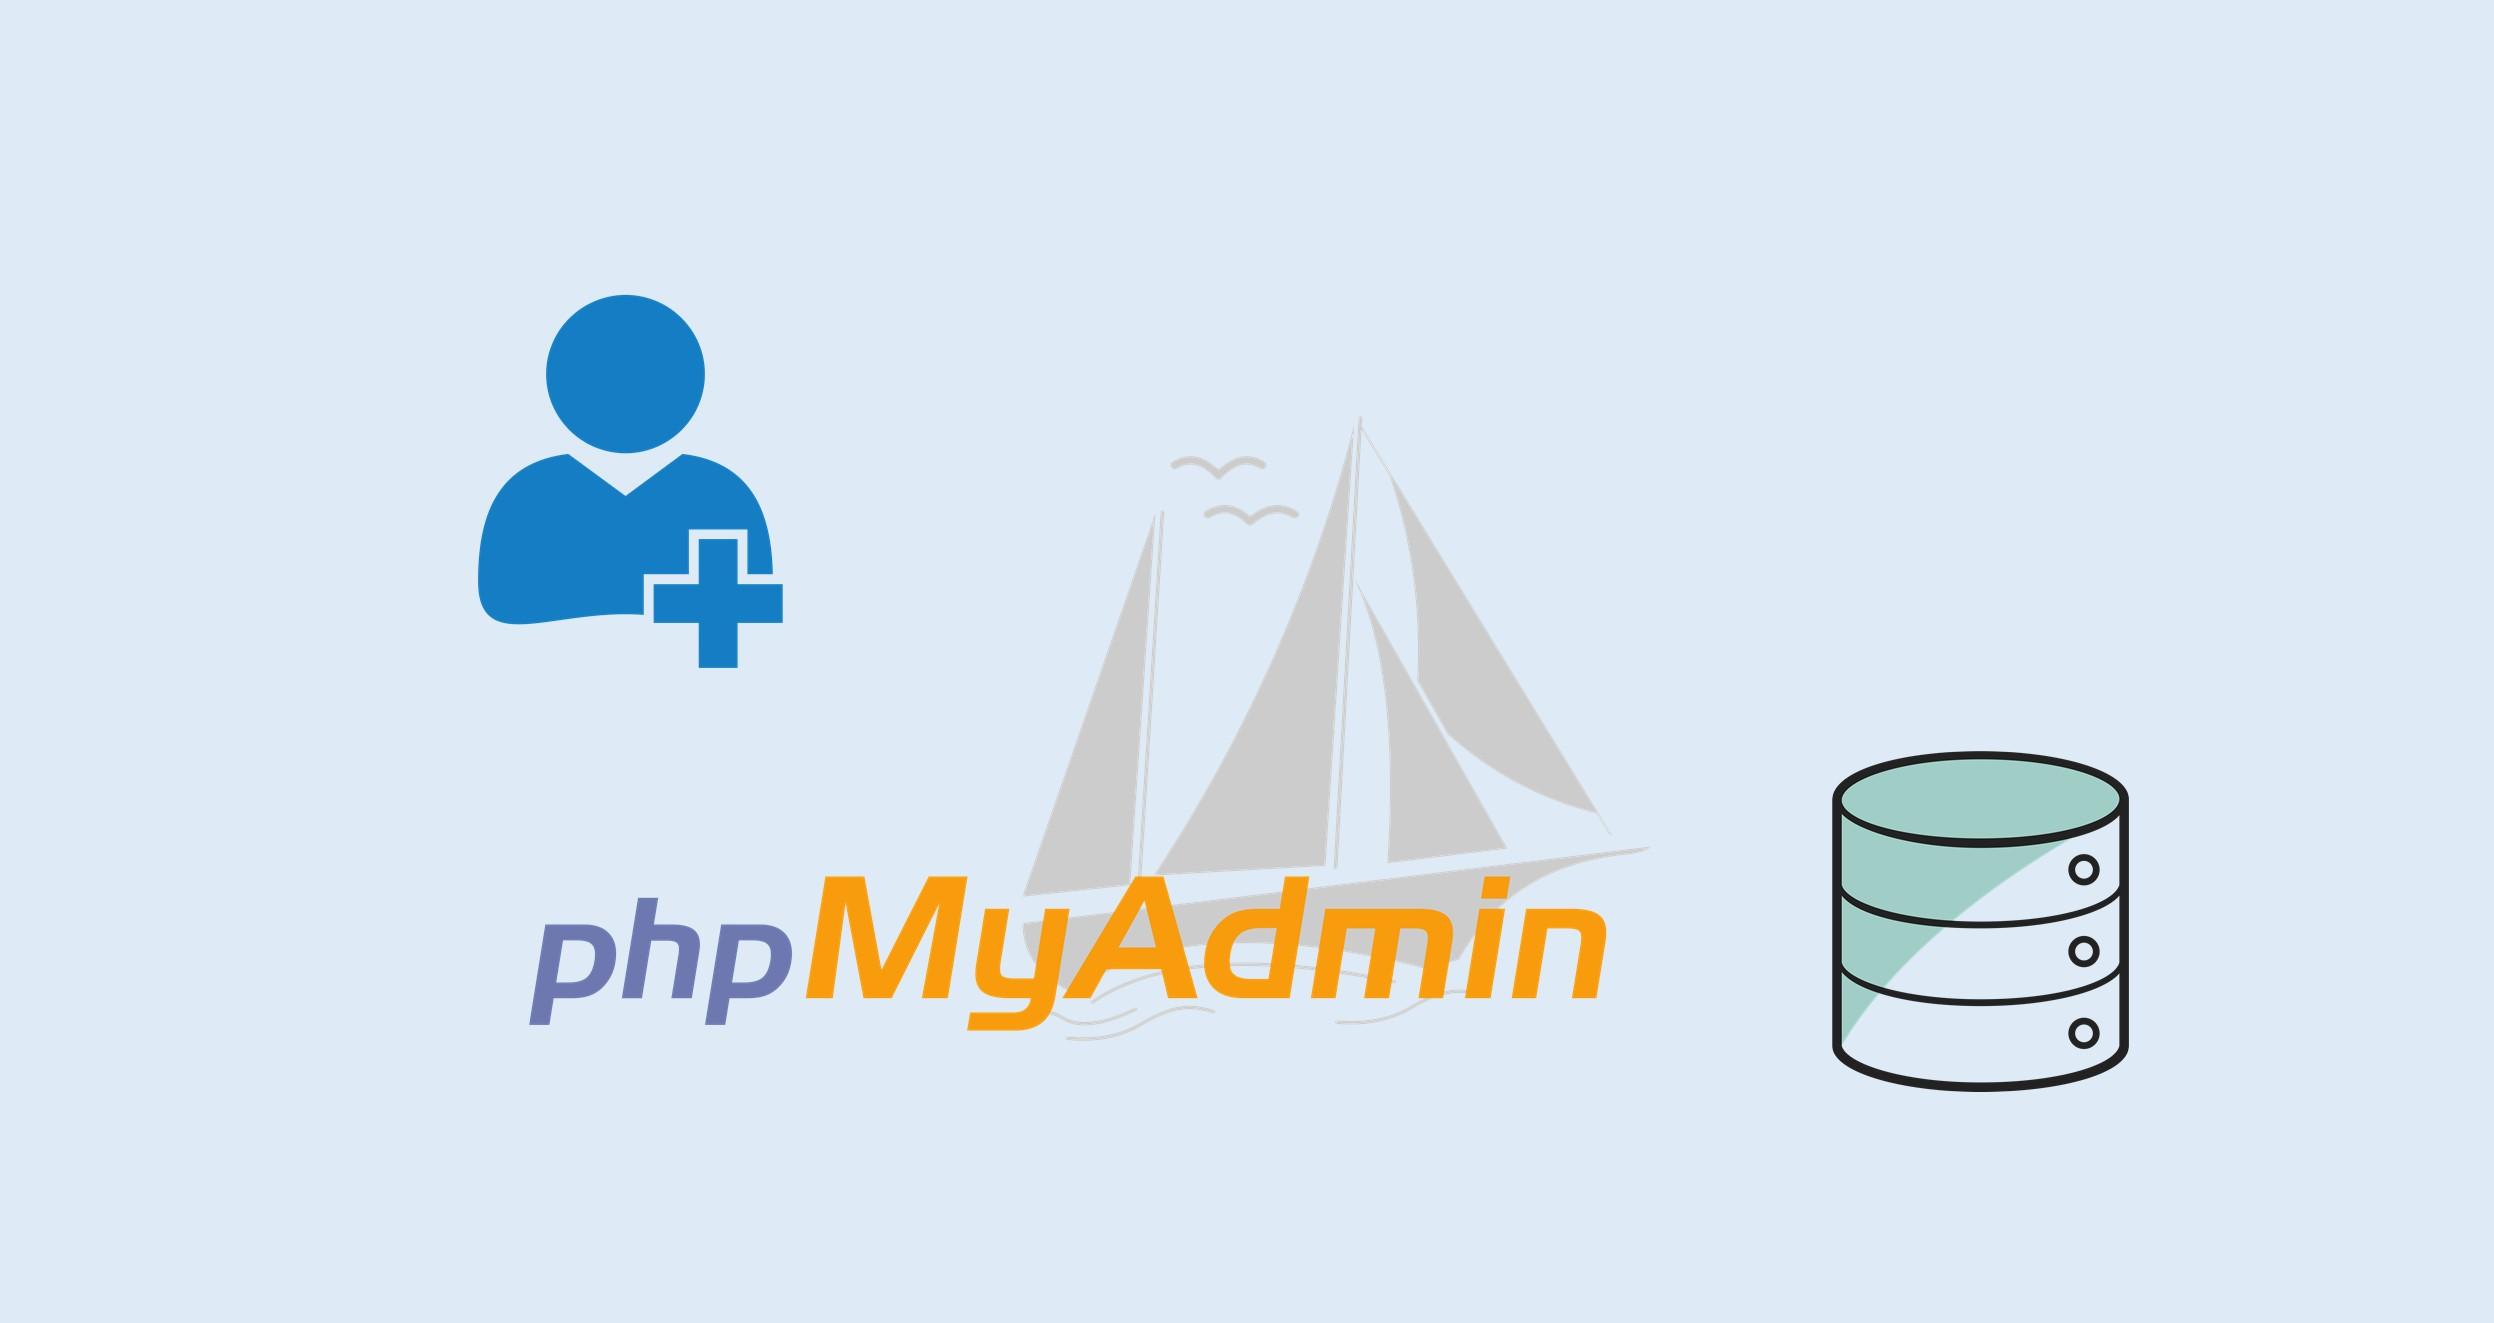 Tạo tài khoản người dùng và cơ sở dữ liệu trong phpMyAdmin -ảnh minh họa